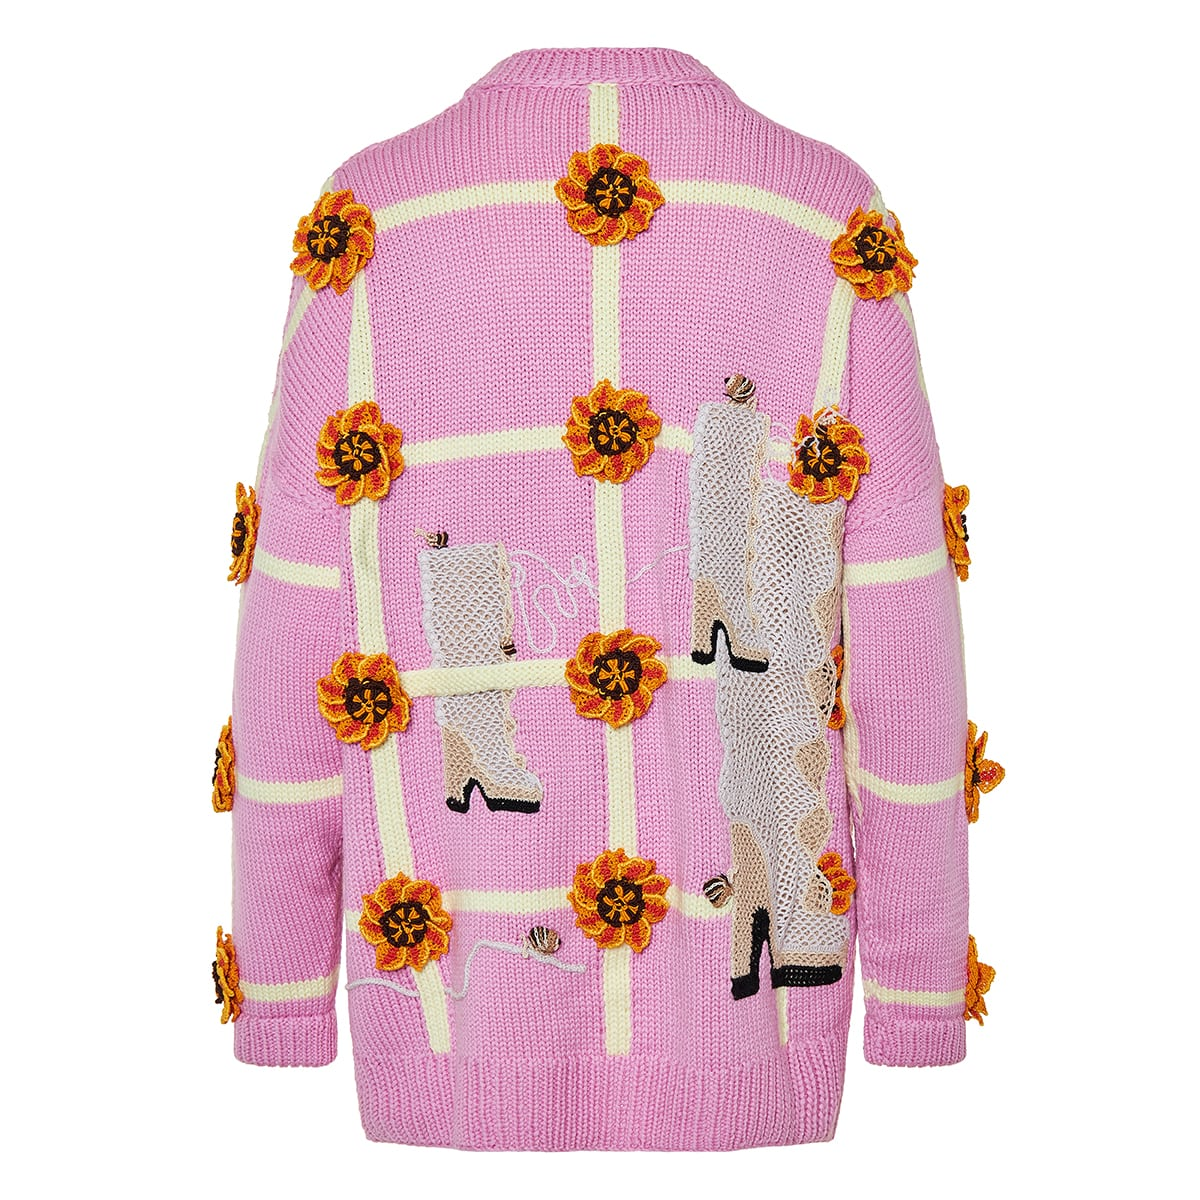 Oversized patterned jacquard cardigan